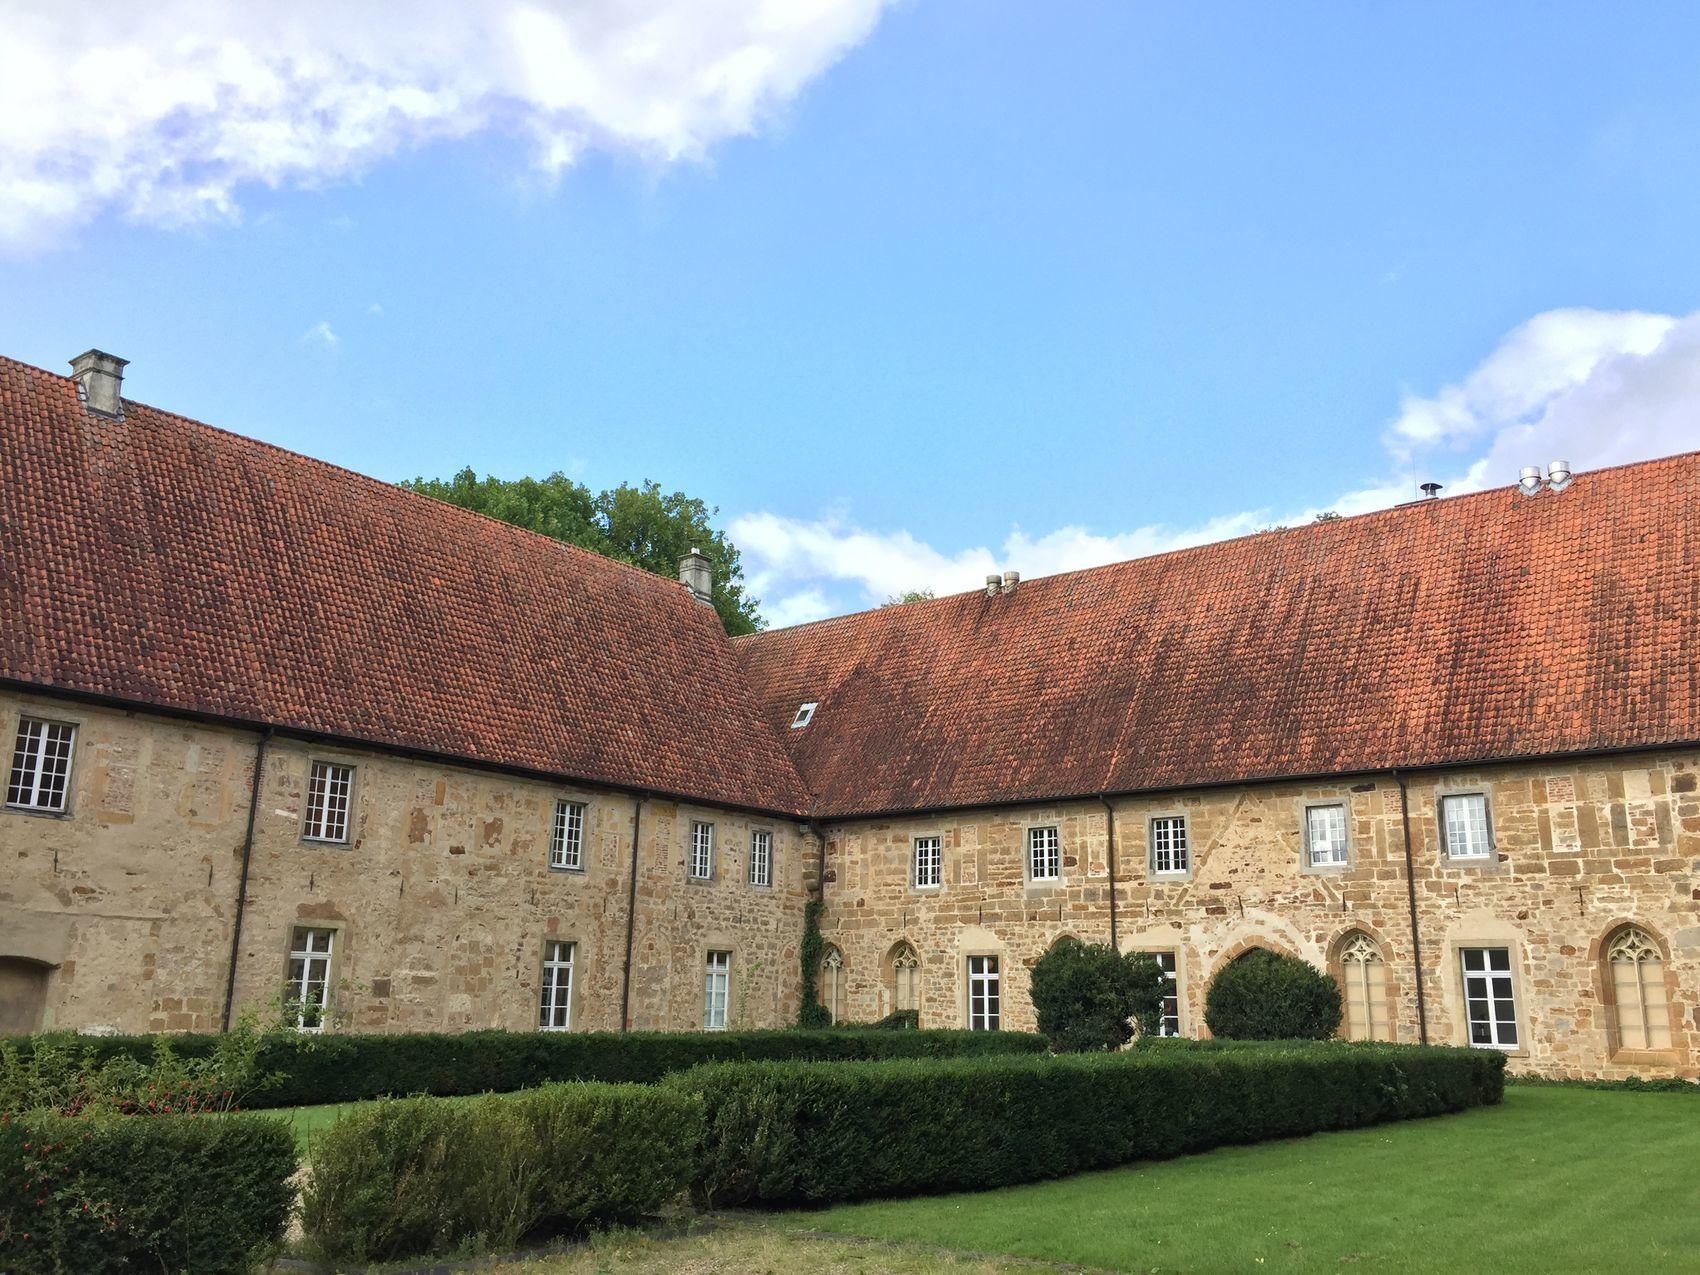 Even van de wereld in Kloster Bentlage